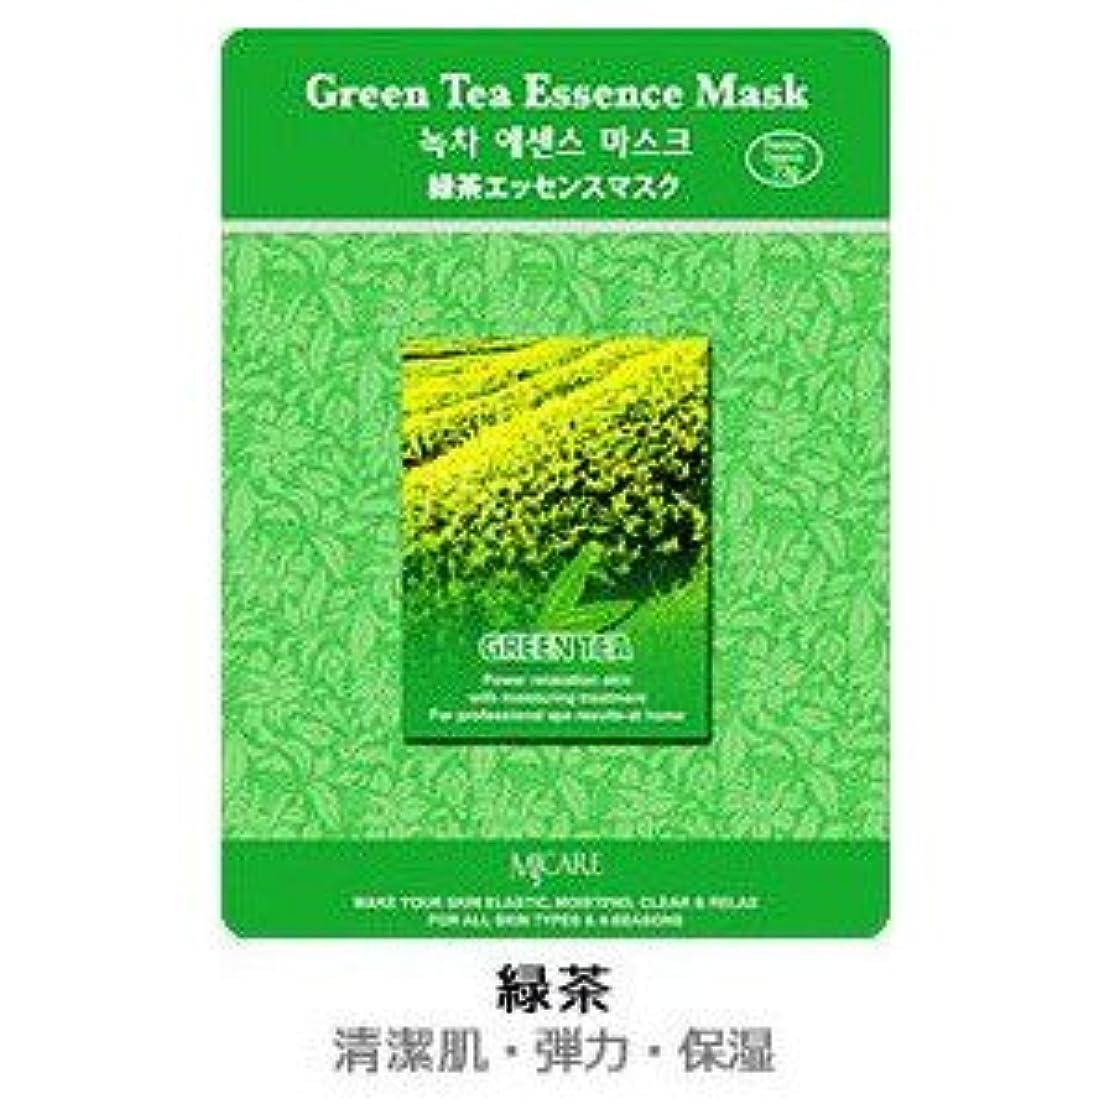 飛び込む飲食店明日MJ-CAREエッセンスマスク 緑茶10枚セット